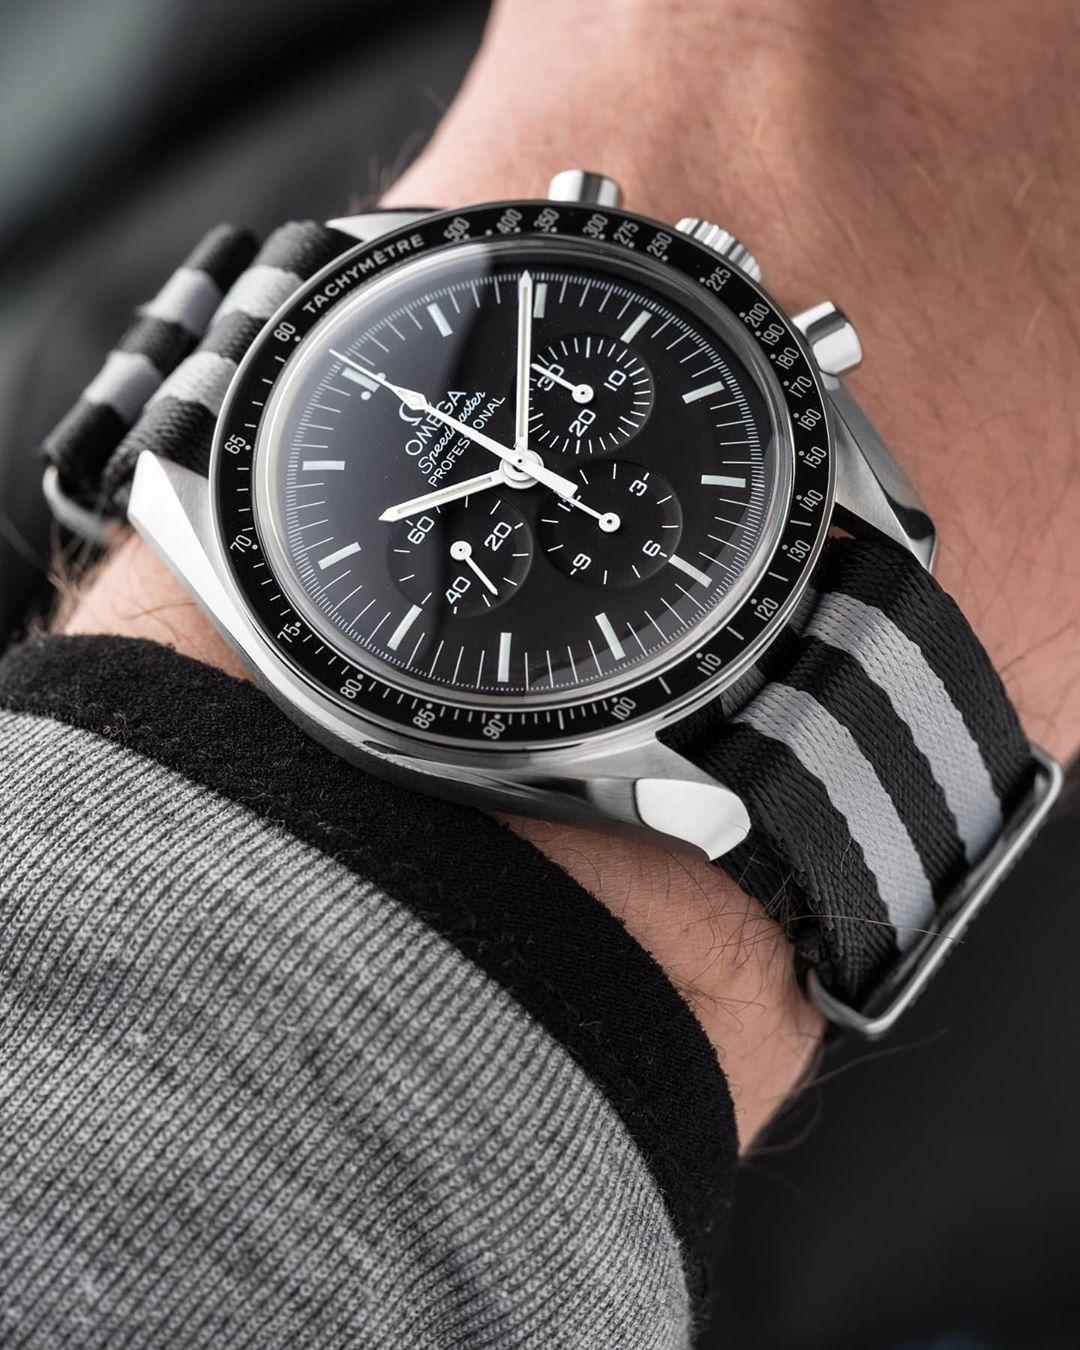 wristporn nato strap on omegar speedmaster by watchddictedwristporn nato strap on omegar speedmaster by watchddicted